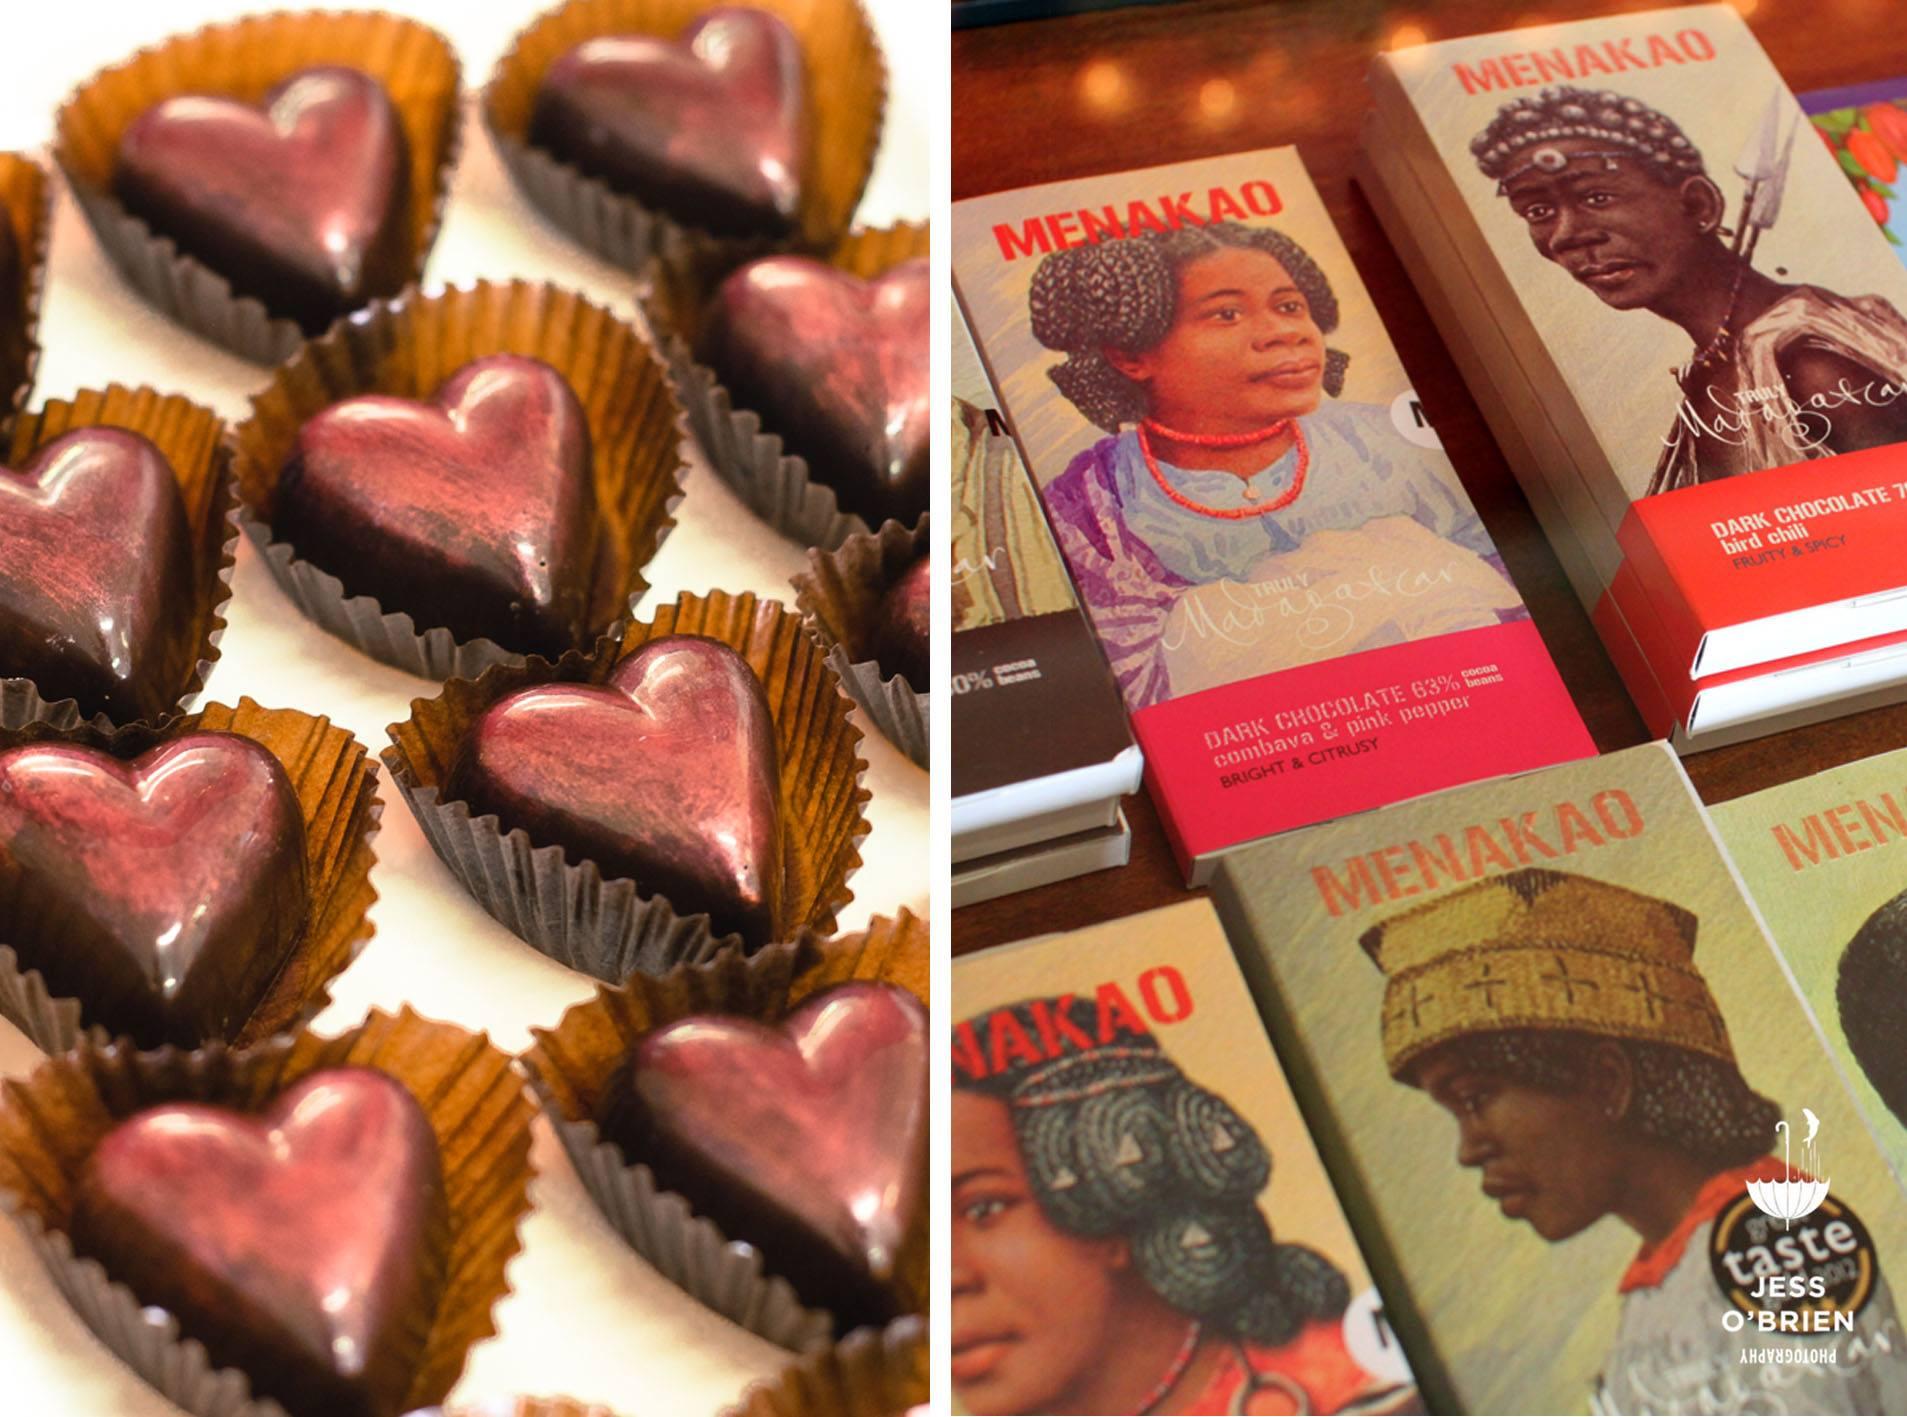 L'Affaire au Chocolat